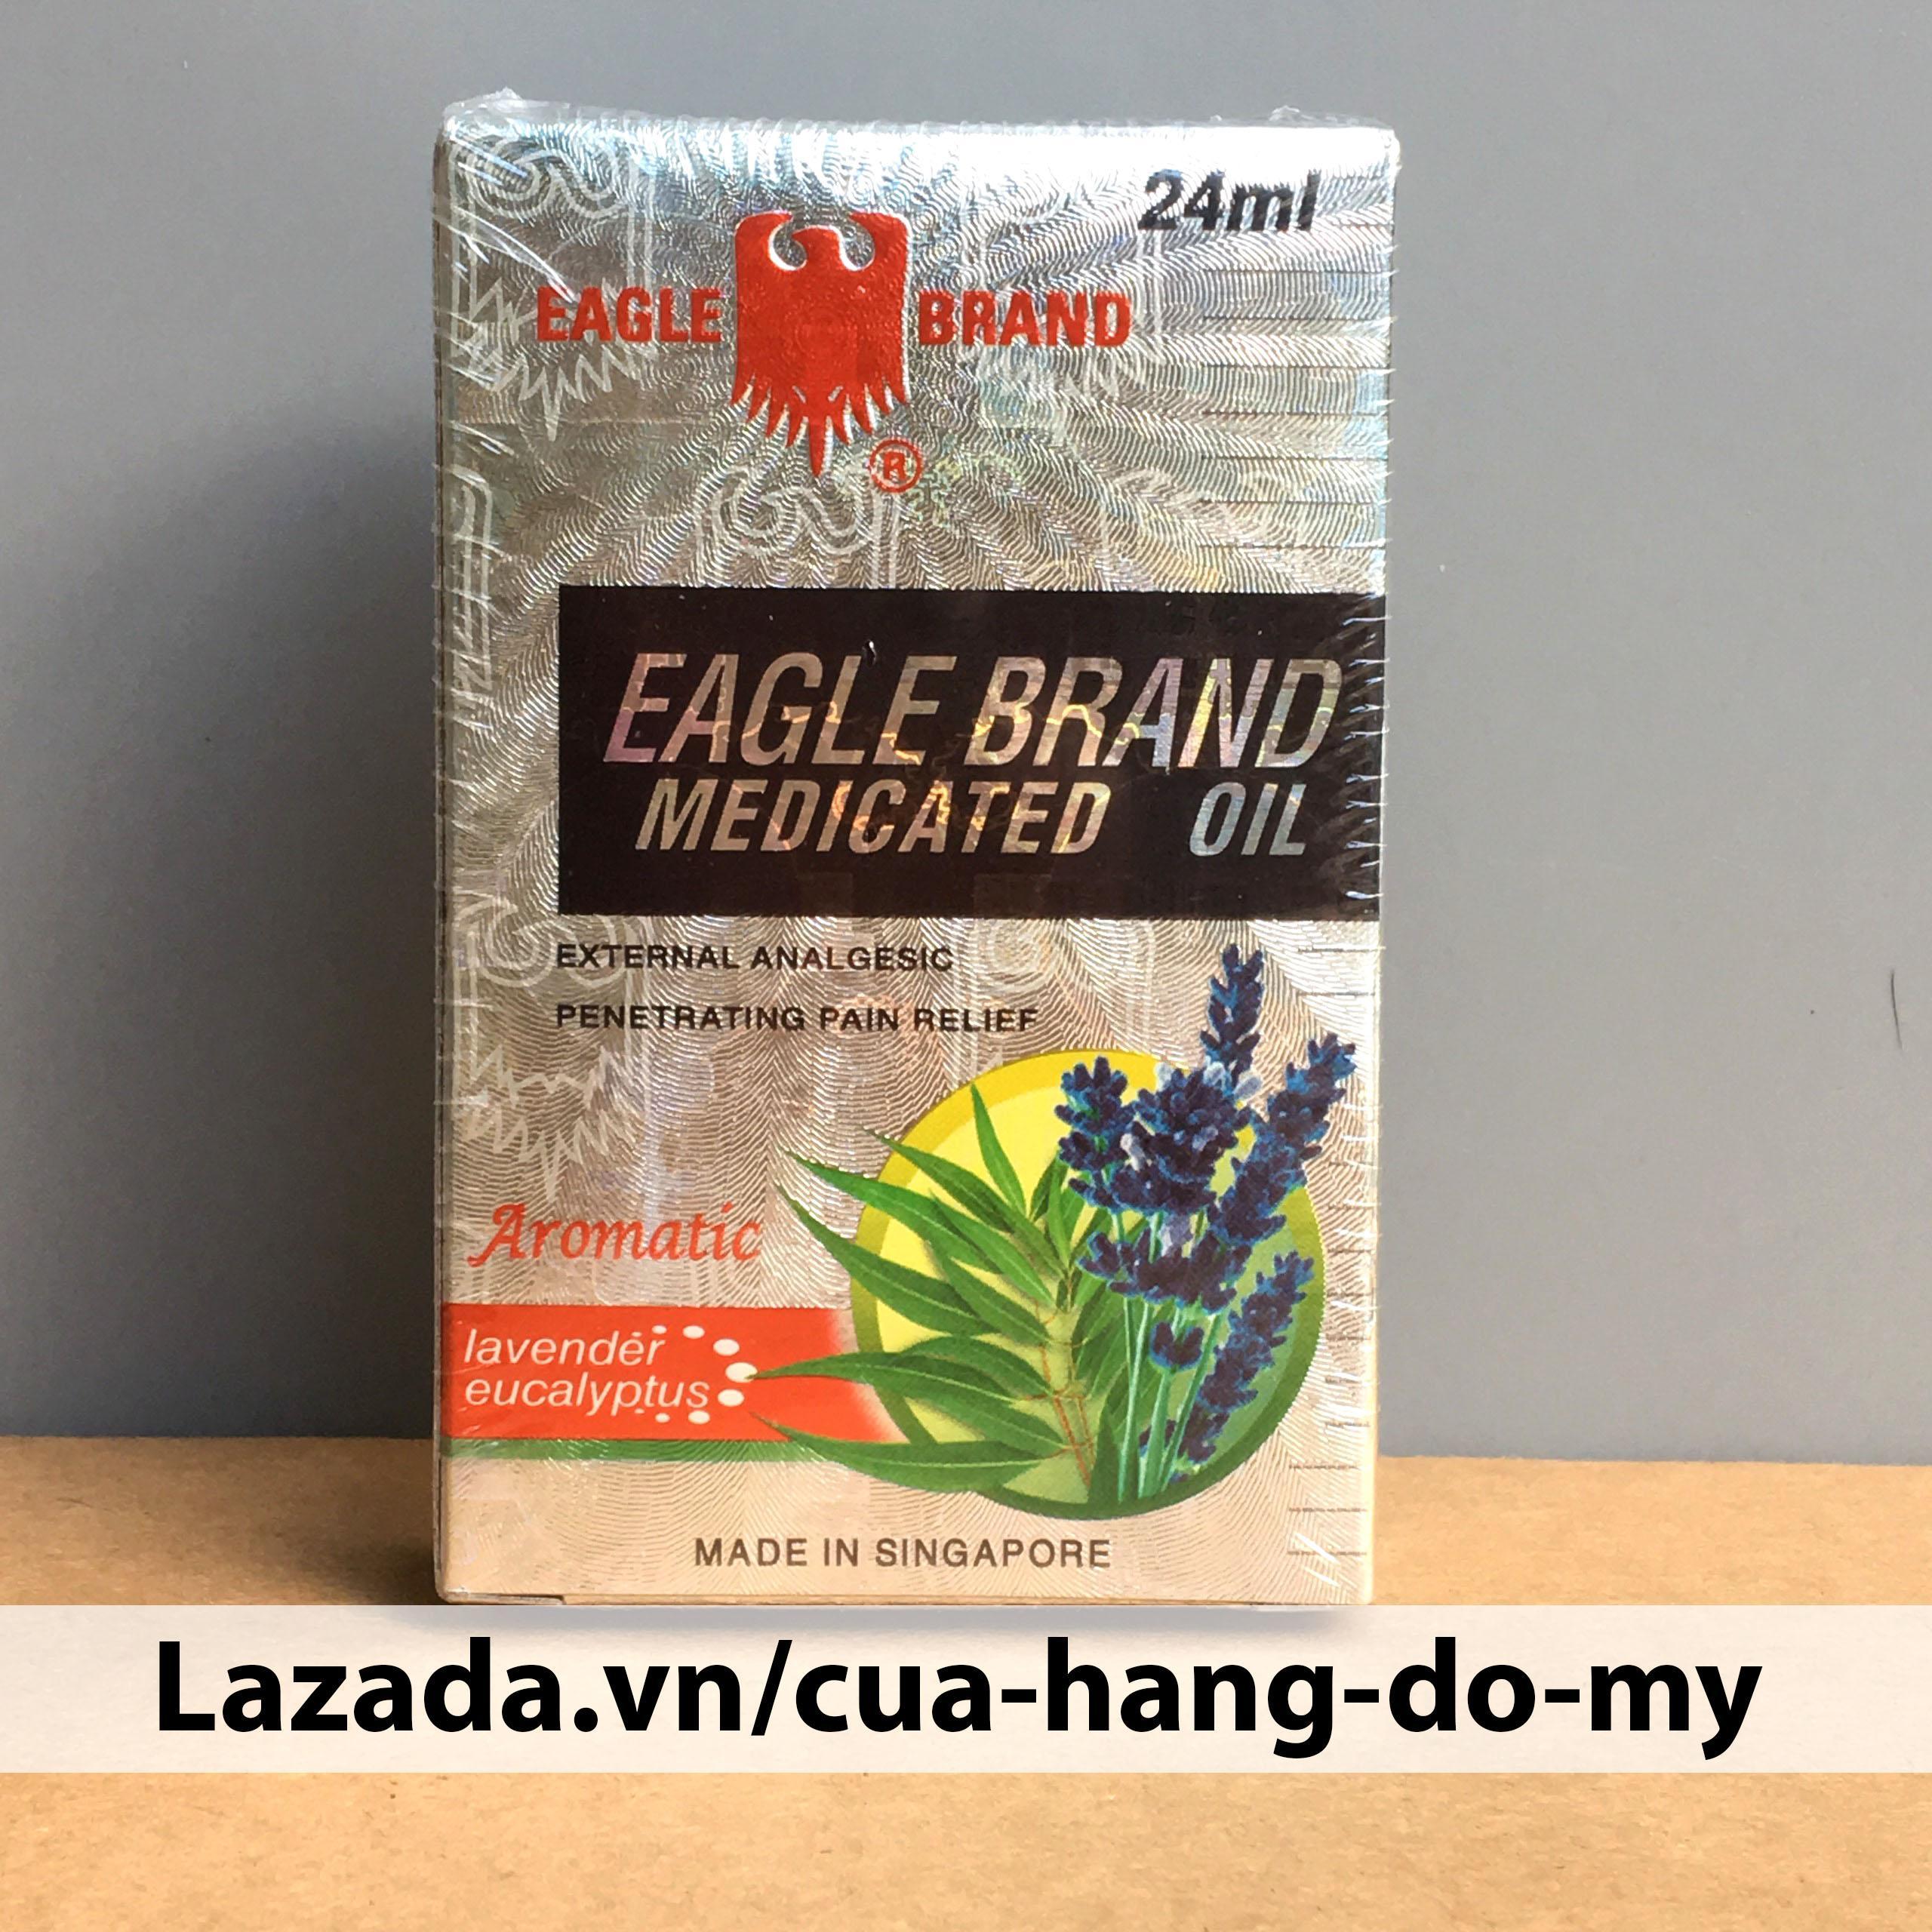 Dầu Gió Trắng Singapore Con Ó Eagle Brand 24ml - Mùi Lavender chính hãng